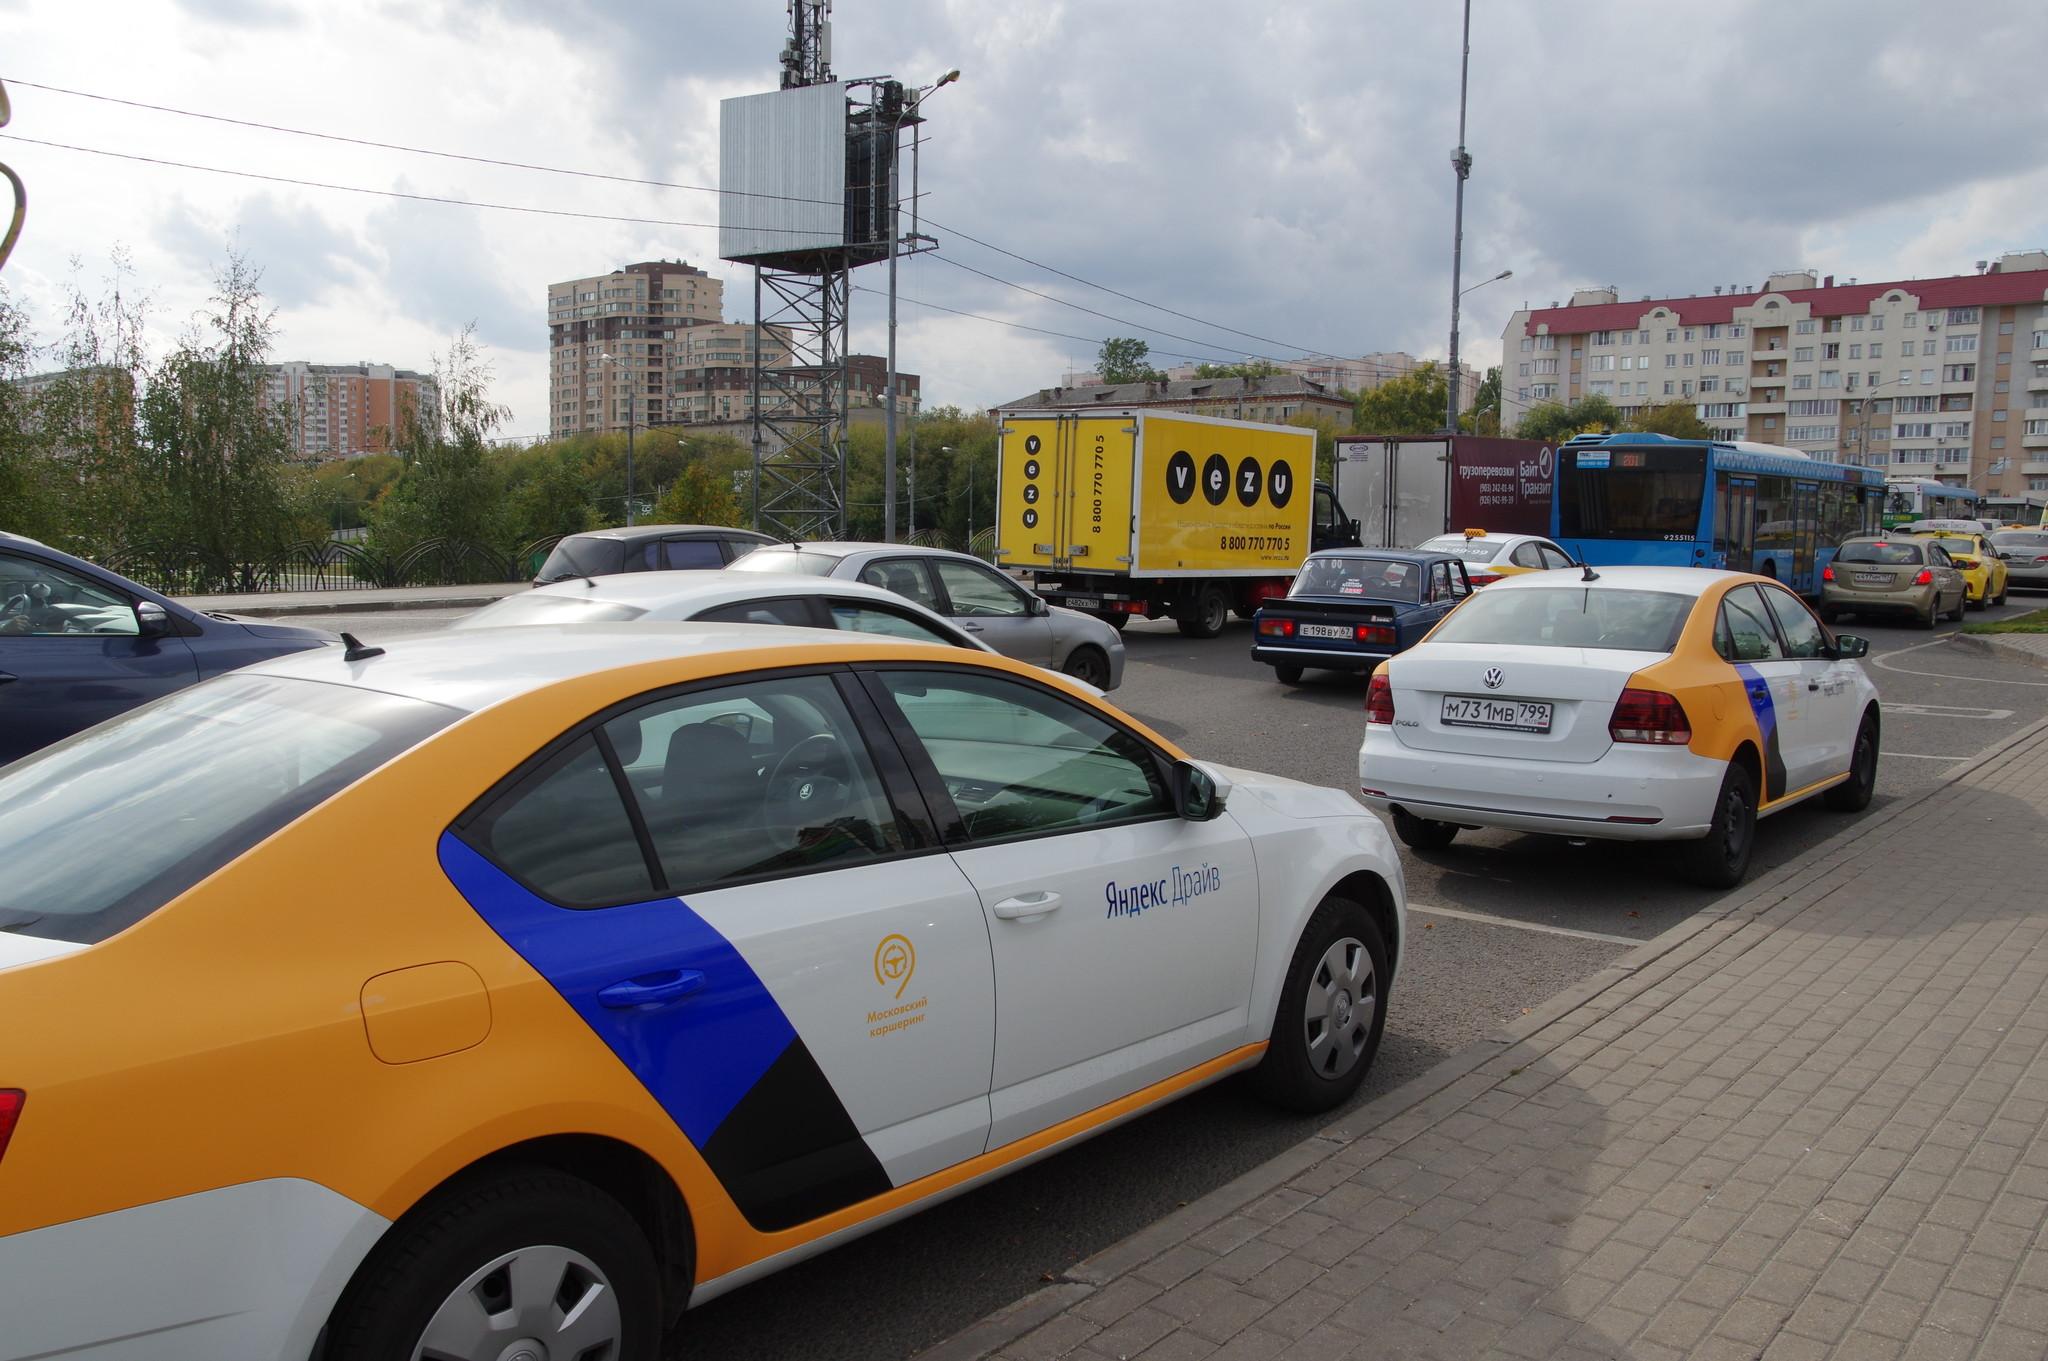 Автомобили Московского каршеринга на Краснодарской улице